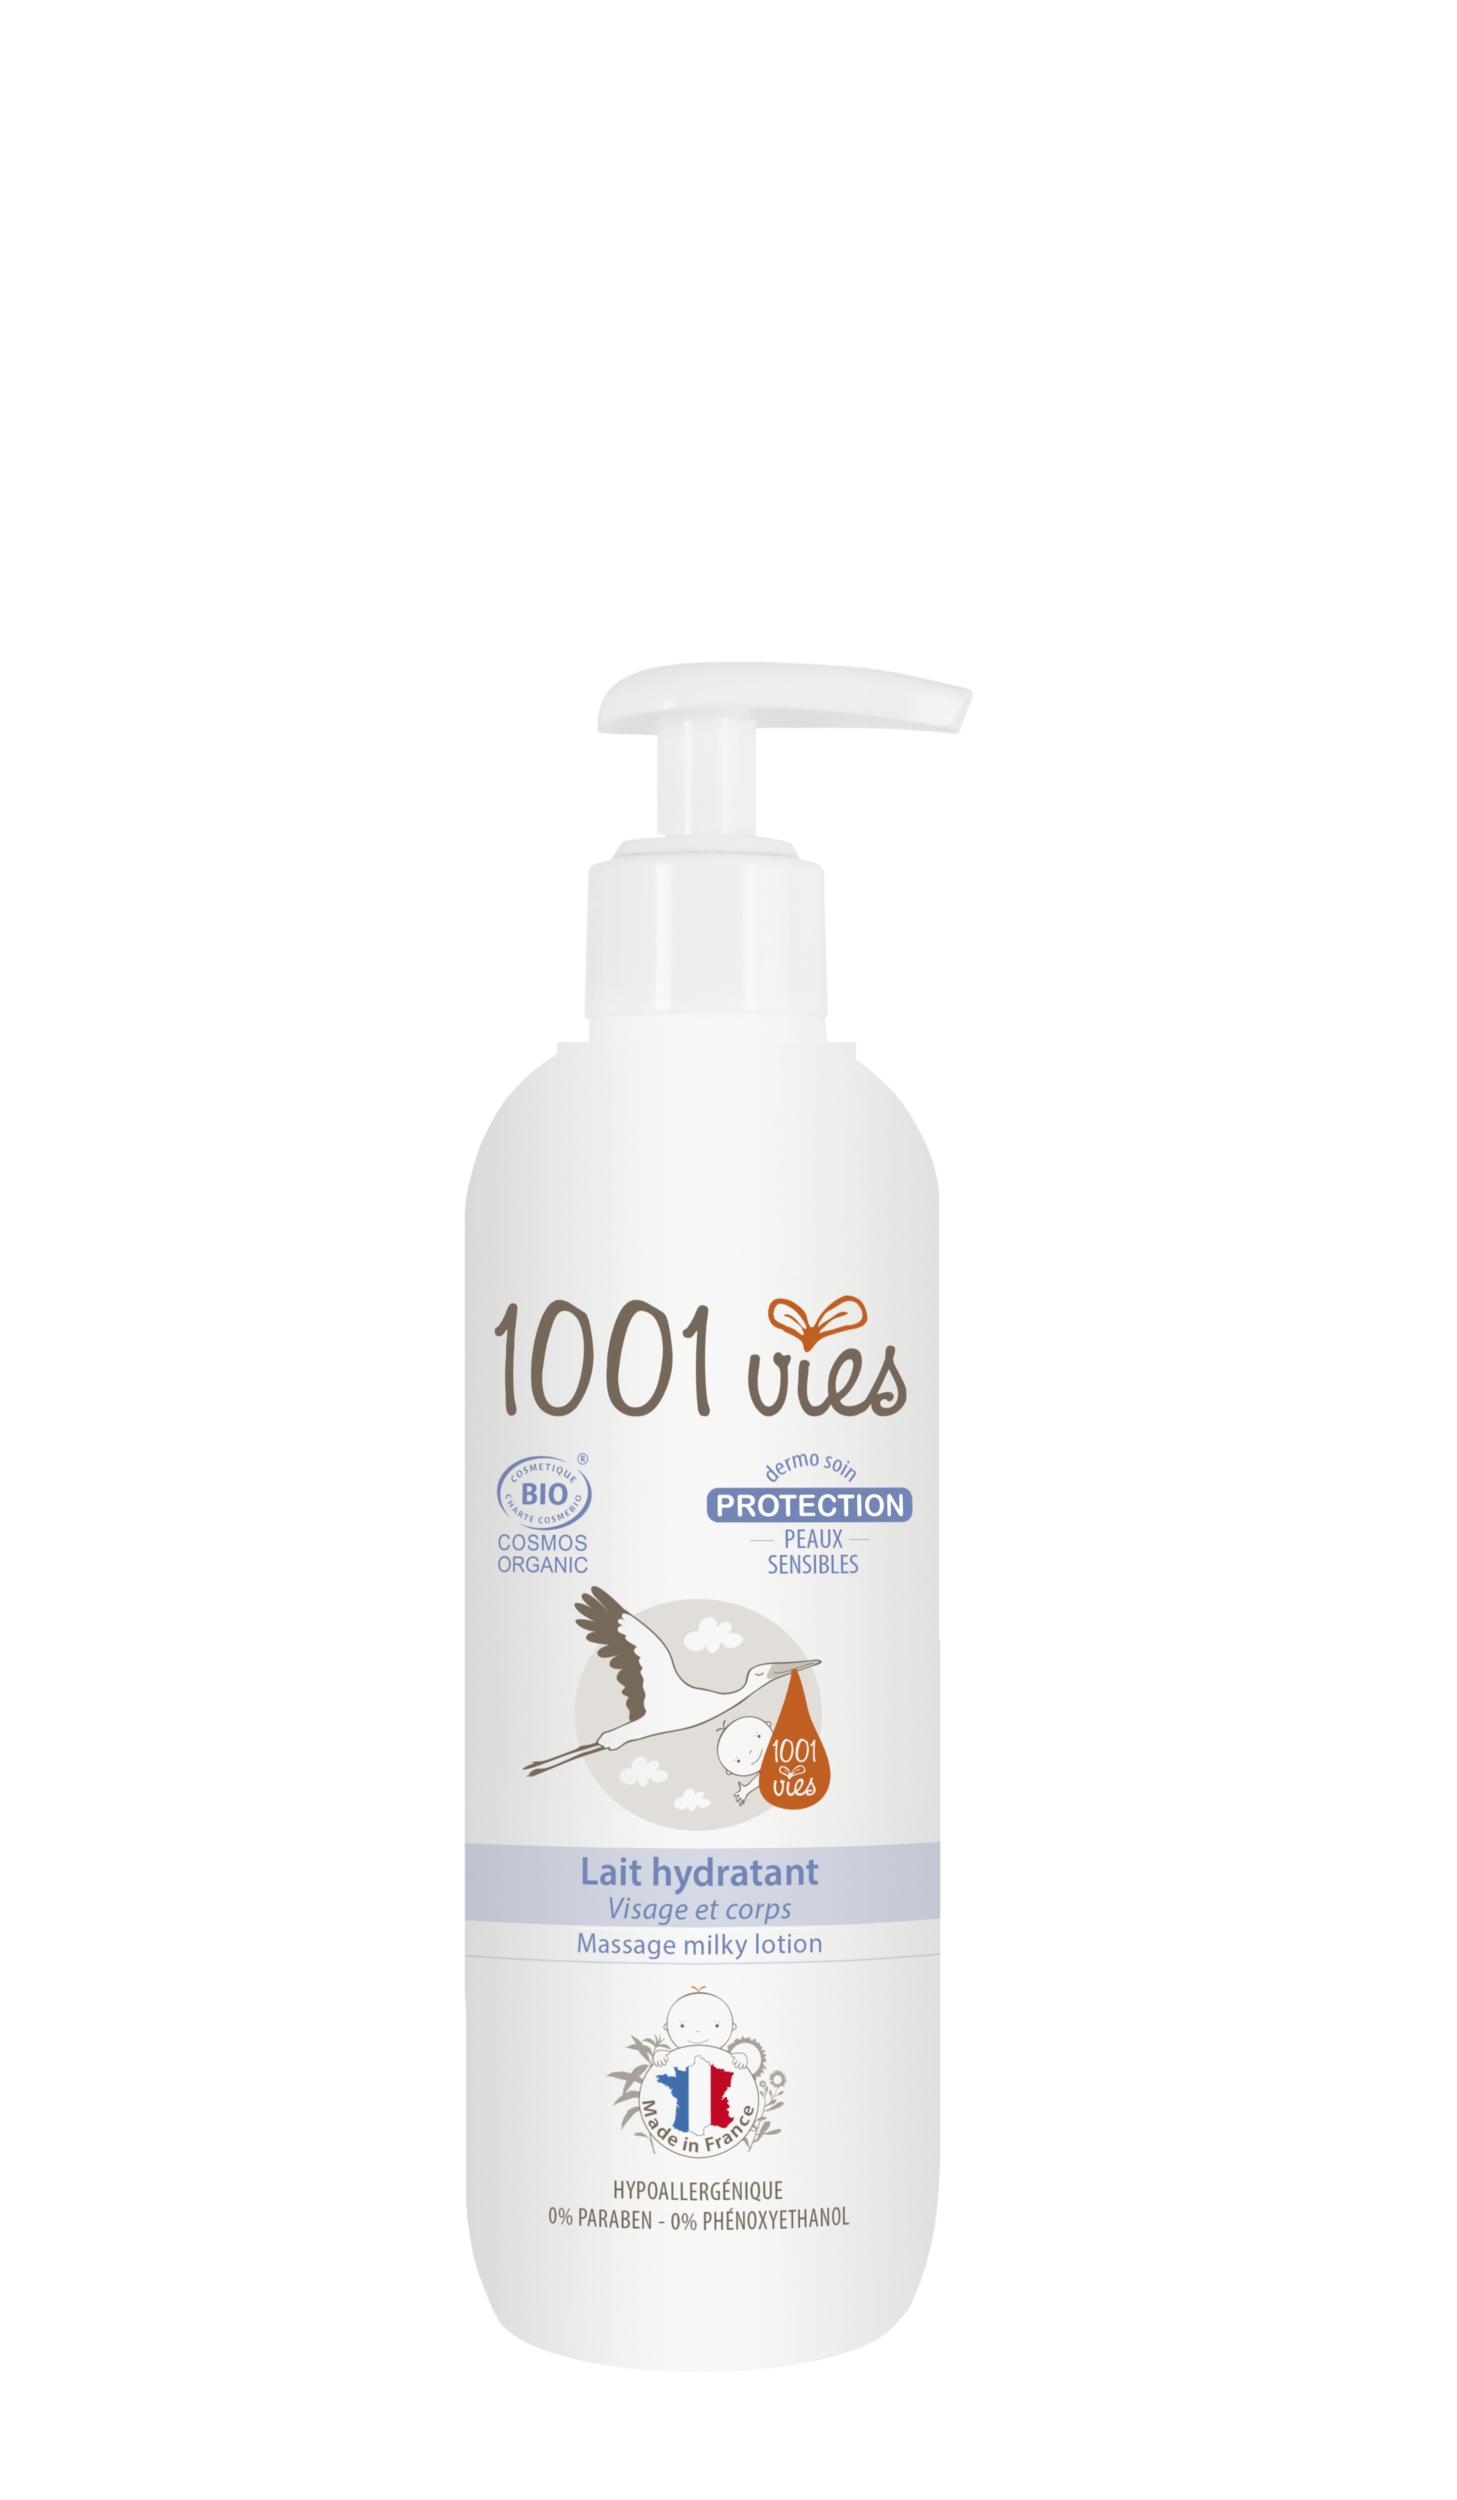 Doux Good - 1001vies - Lait hydratant corps et visage - Gamme protection pour peaux sensibles - 200 ml